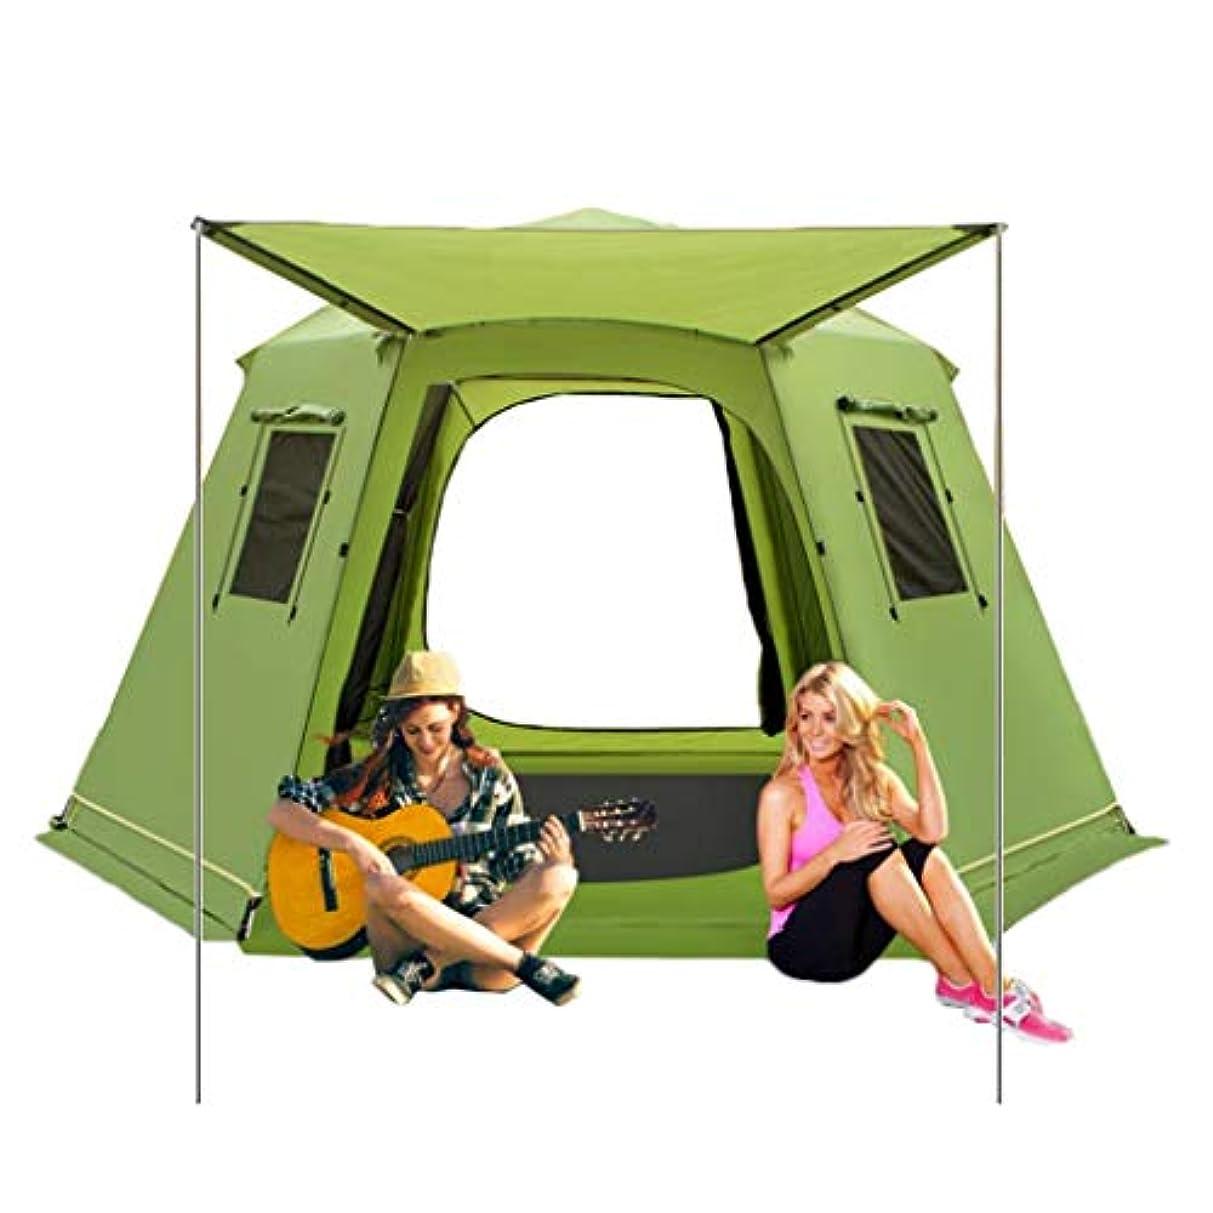 はず忌み嫌う施しテント?タープ/テント テント屋外自動テント6-8人アルミポールダブルテントフリービルド六角形のキャンプテント広々とした家族のテント (Color : Green, Size : 368*368*190cm)